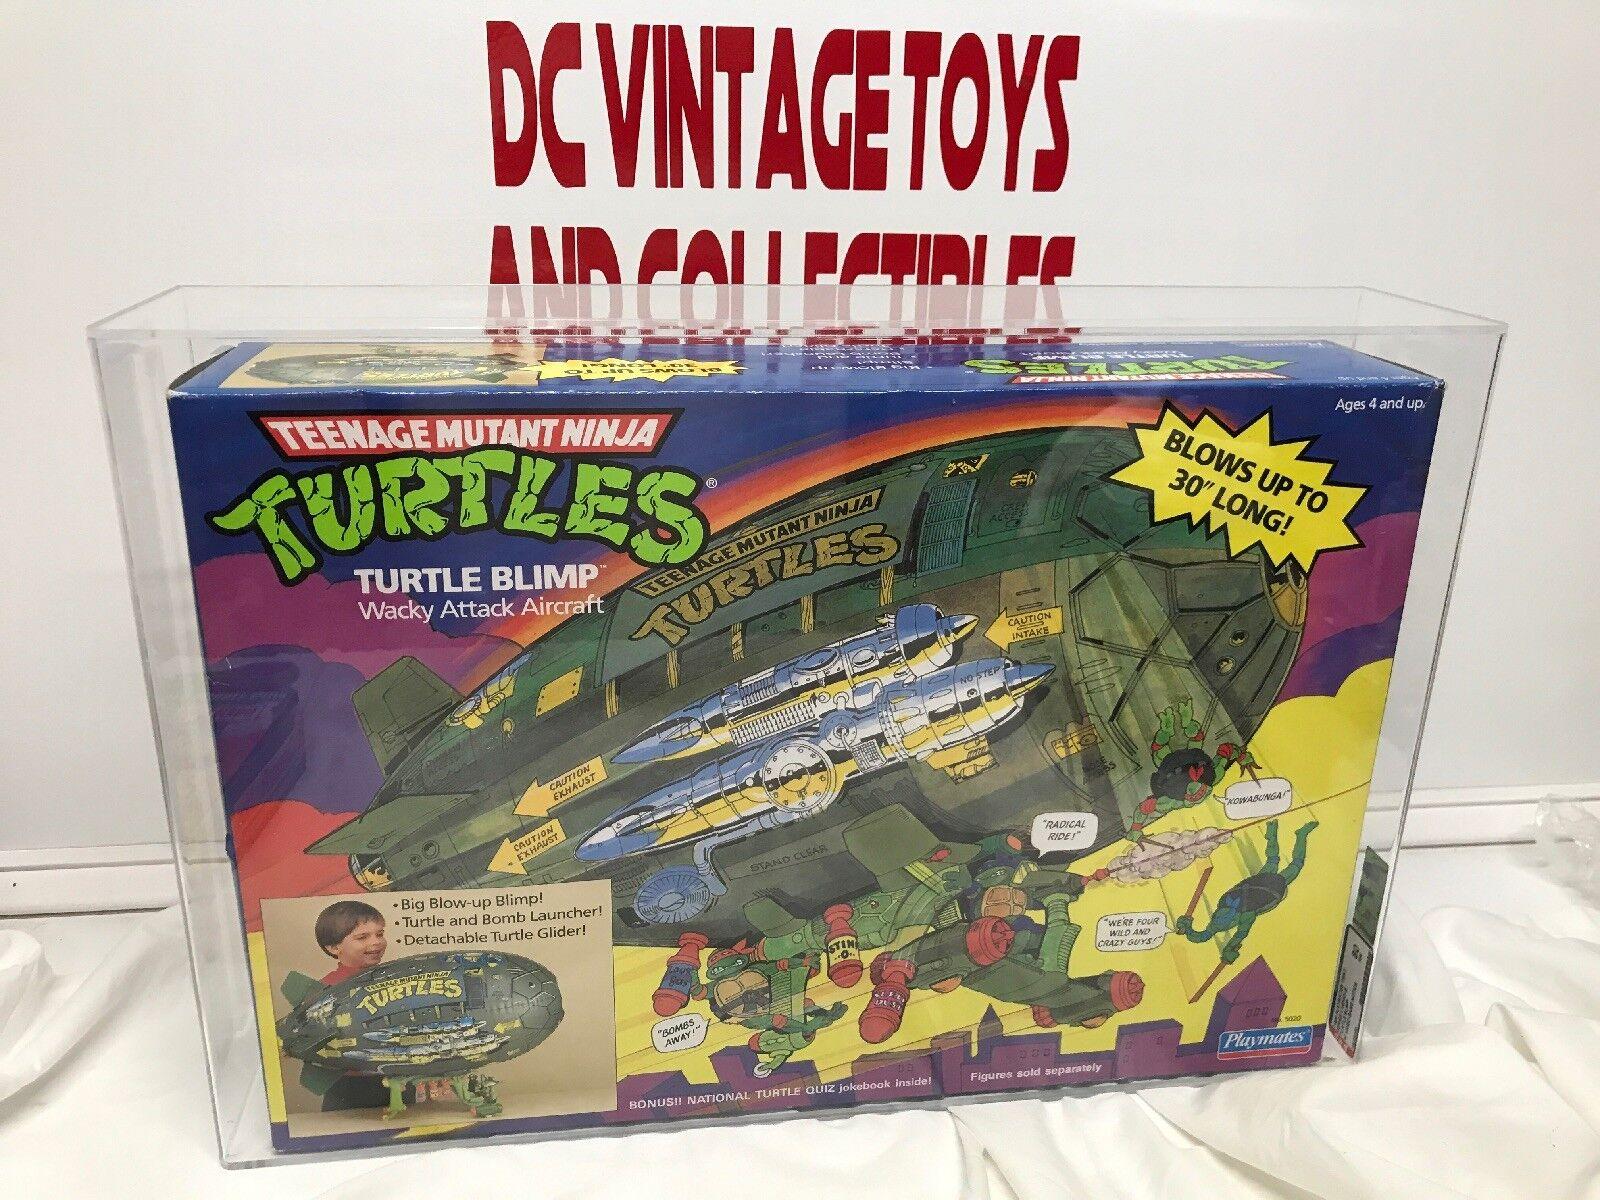 Turtle Blimp série Playmates 1989 1 action figure Autorité classé 80 véhicule Teenage Mutant Ninja Turtles Jeu Vidéo offre